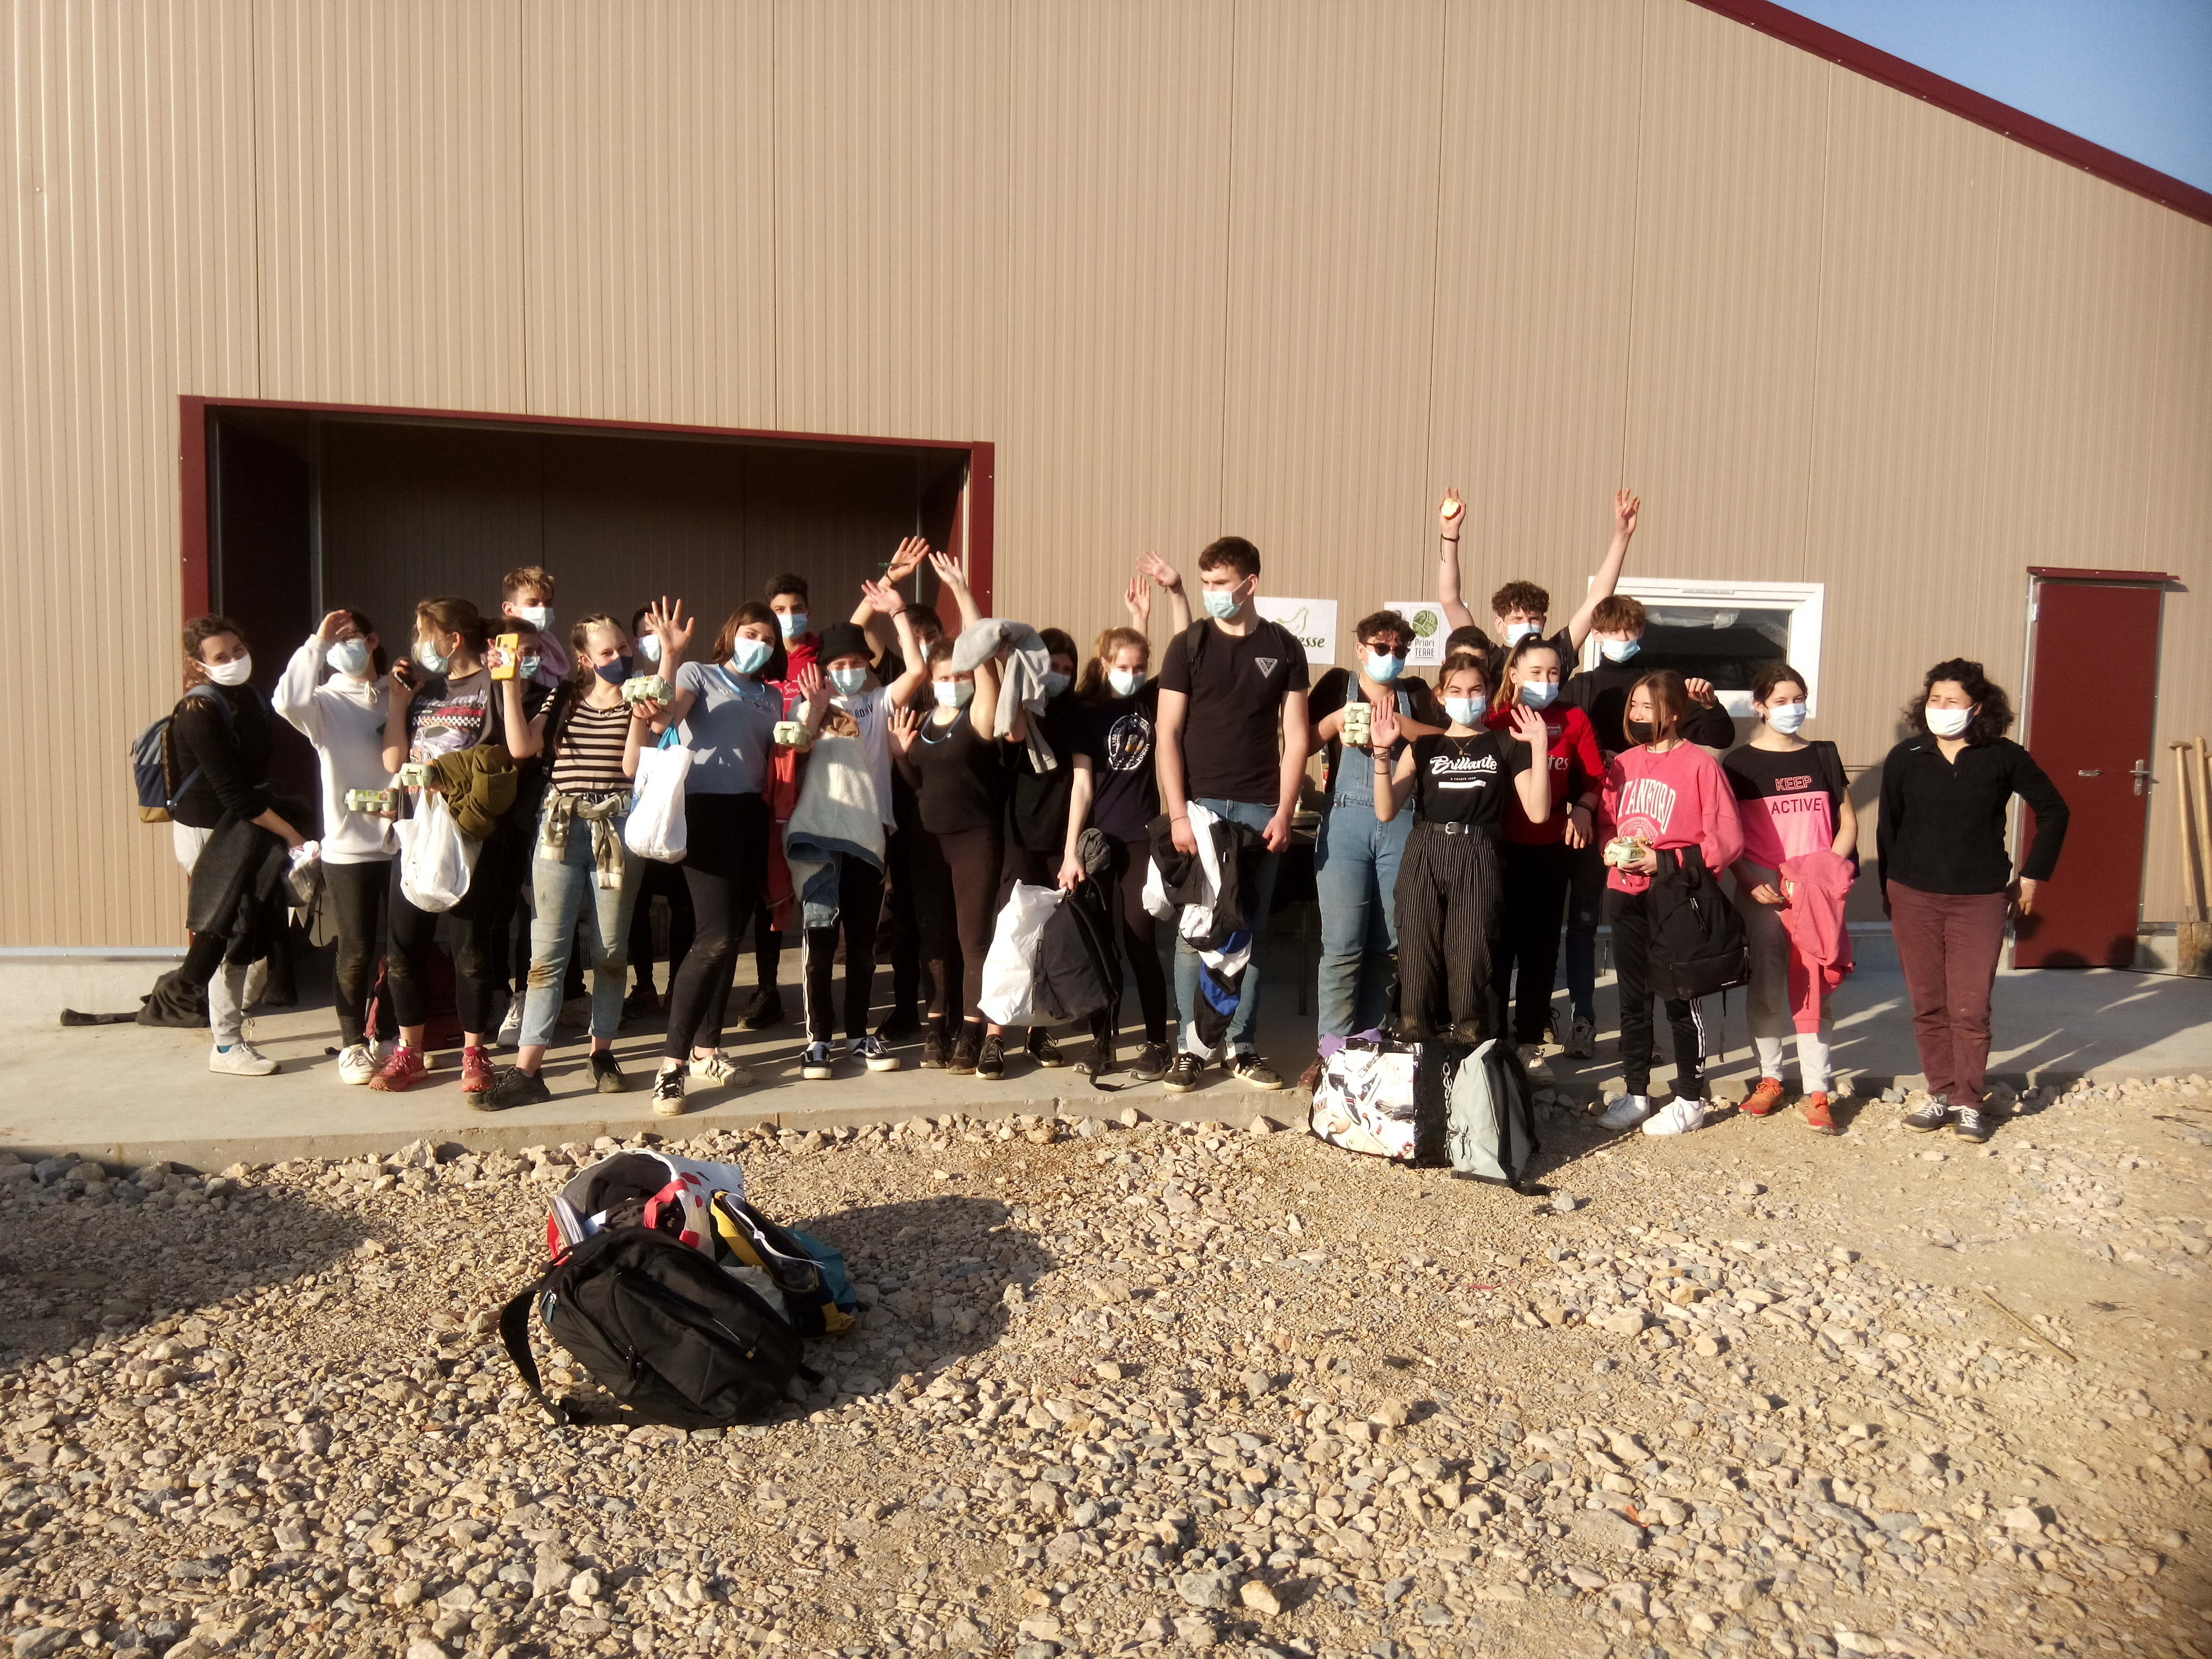 Chantier participatif dans la cadre d'un projet agroforestier